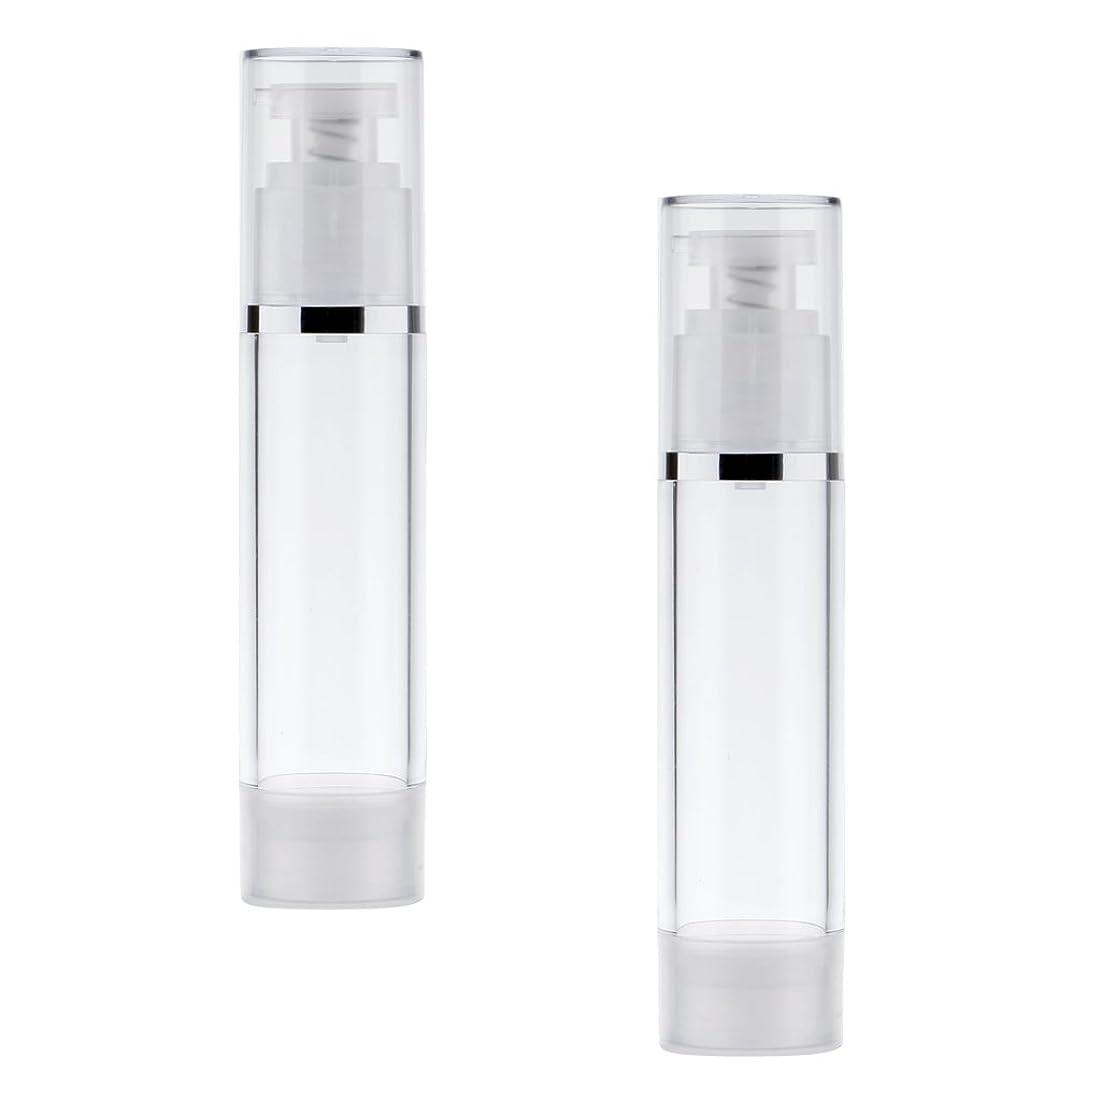 皿不正確家主Kesoto 2個 ポンプボトル ポンプチューブ エアレスボトル ディスペンサー コスメ 詰替え DIY クリーム ローション 3サイズ選べる - 50ml